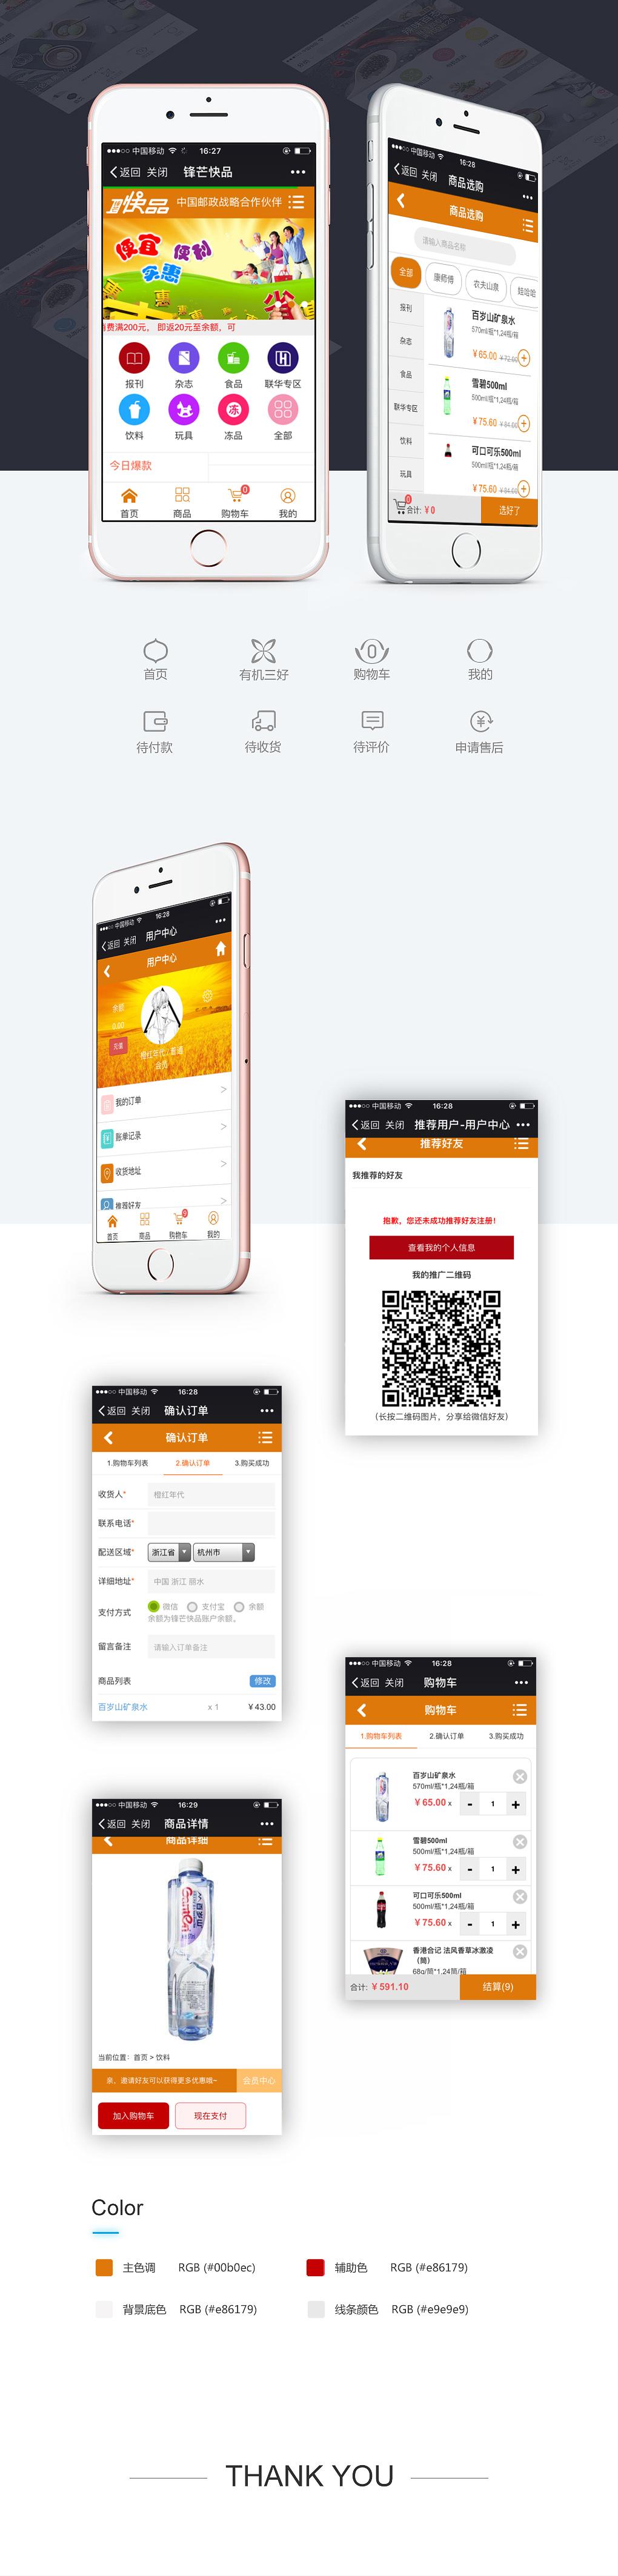 锋芒快品-杭州盘网微信开发作品